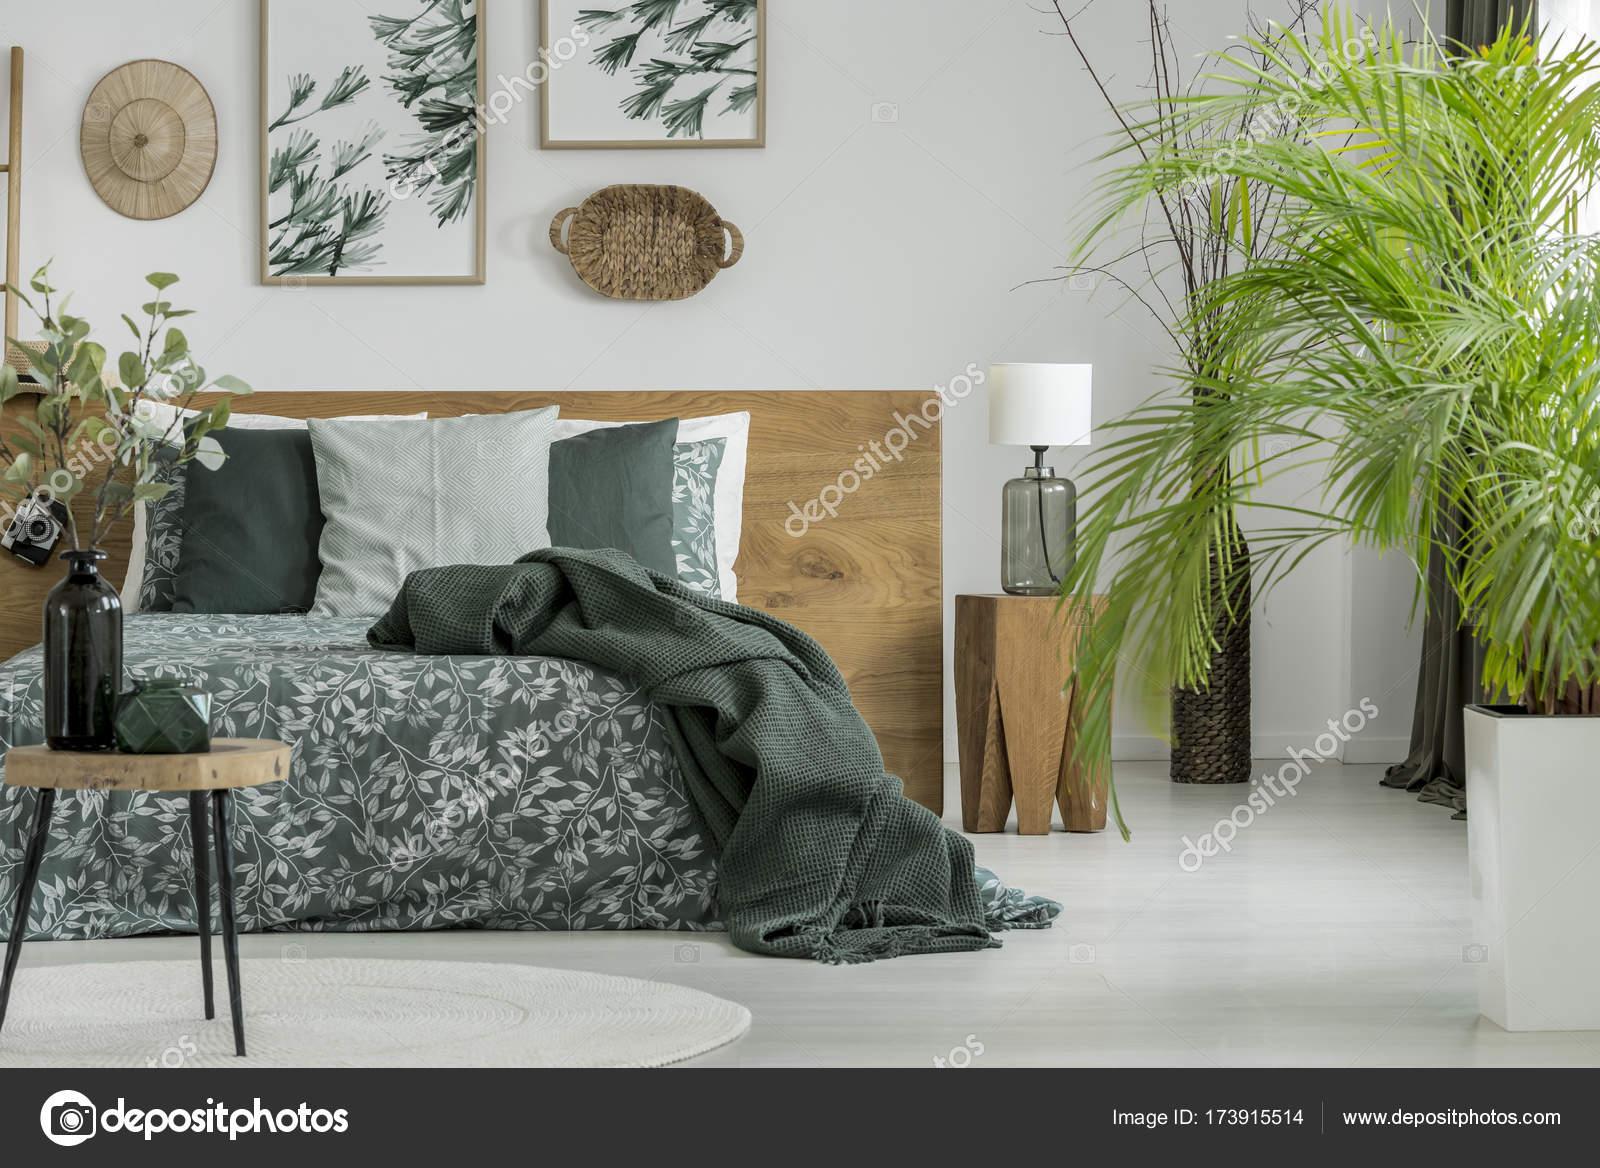 Tavolo e piante in camera da letto u foto stock photographee eu